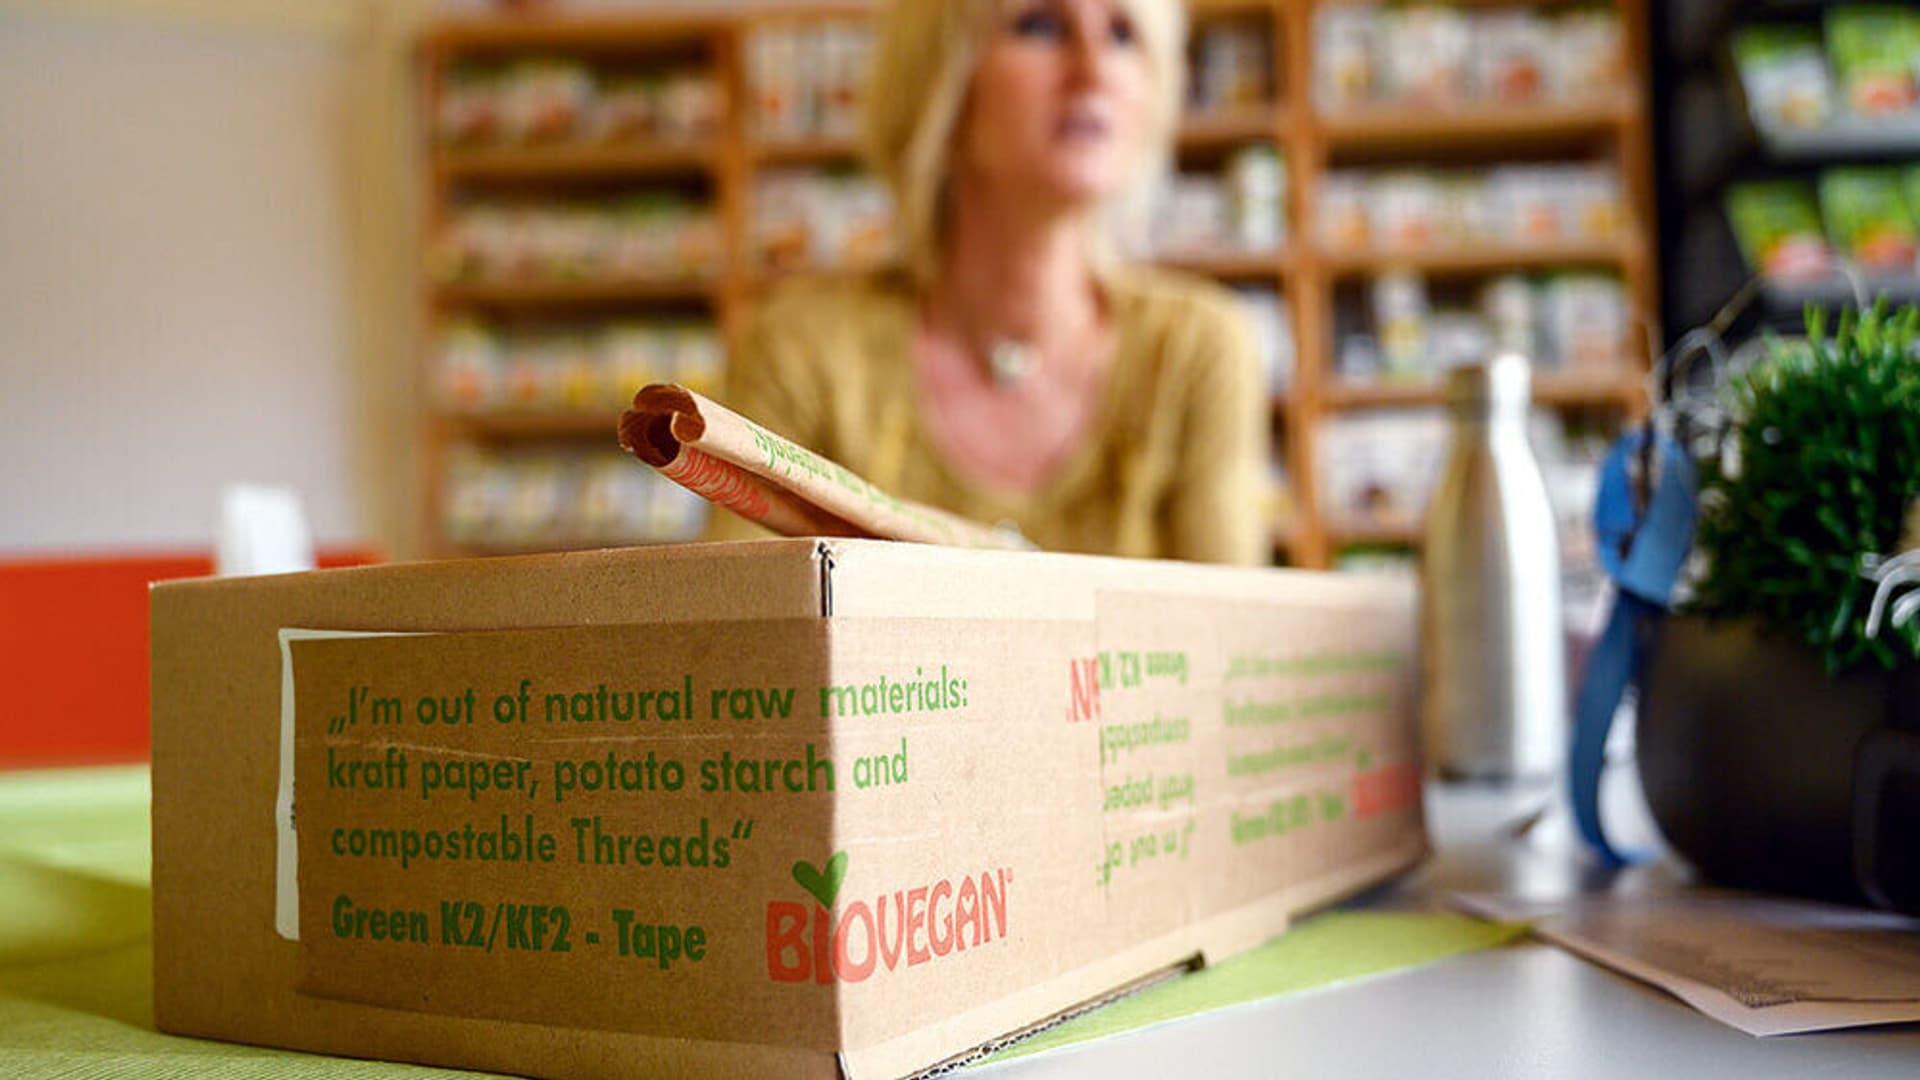 Ein Pappkarton mit der Aufschrift Biovegan